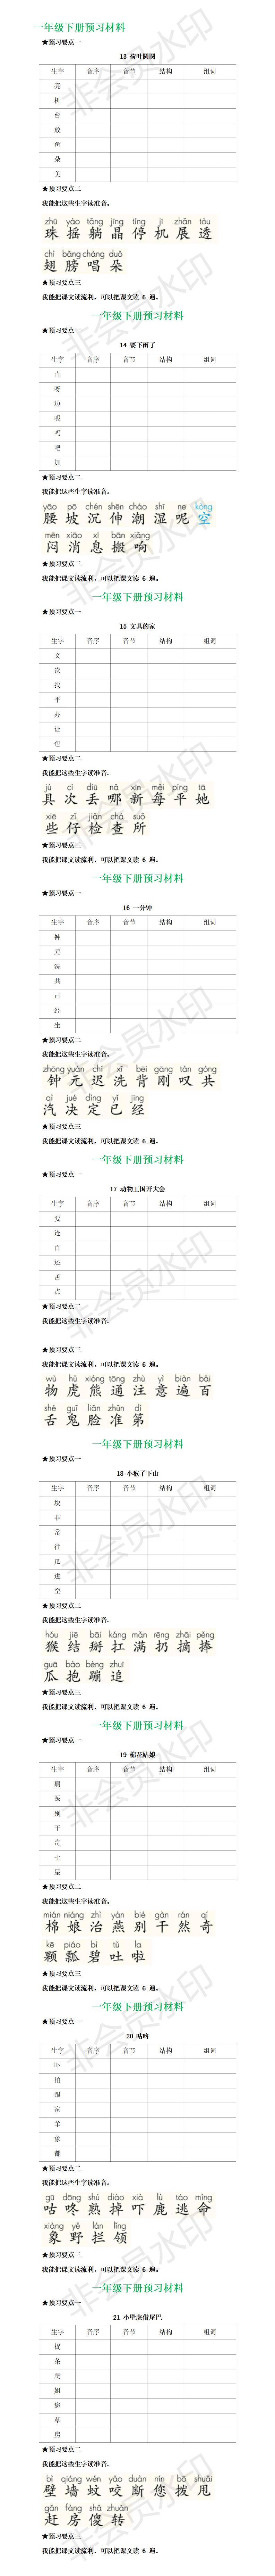 统编一年级语文下册全部课文预习清单.png